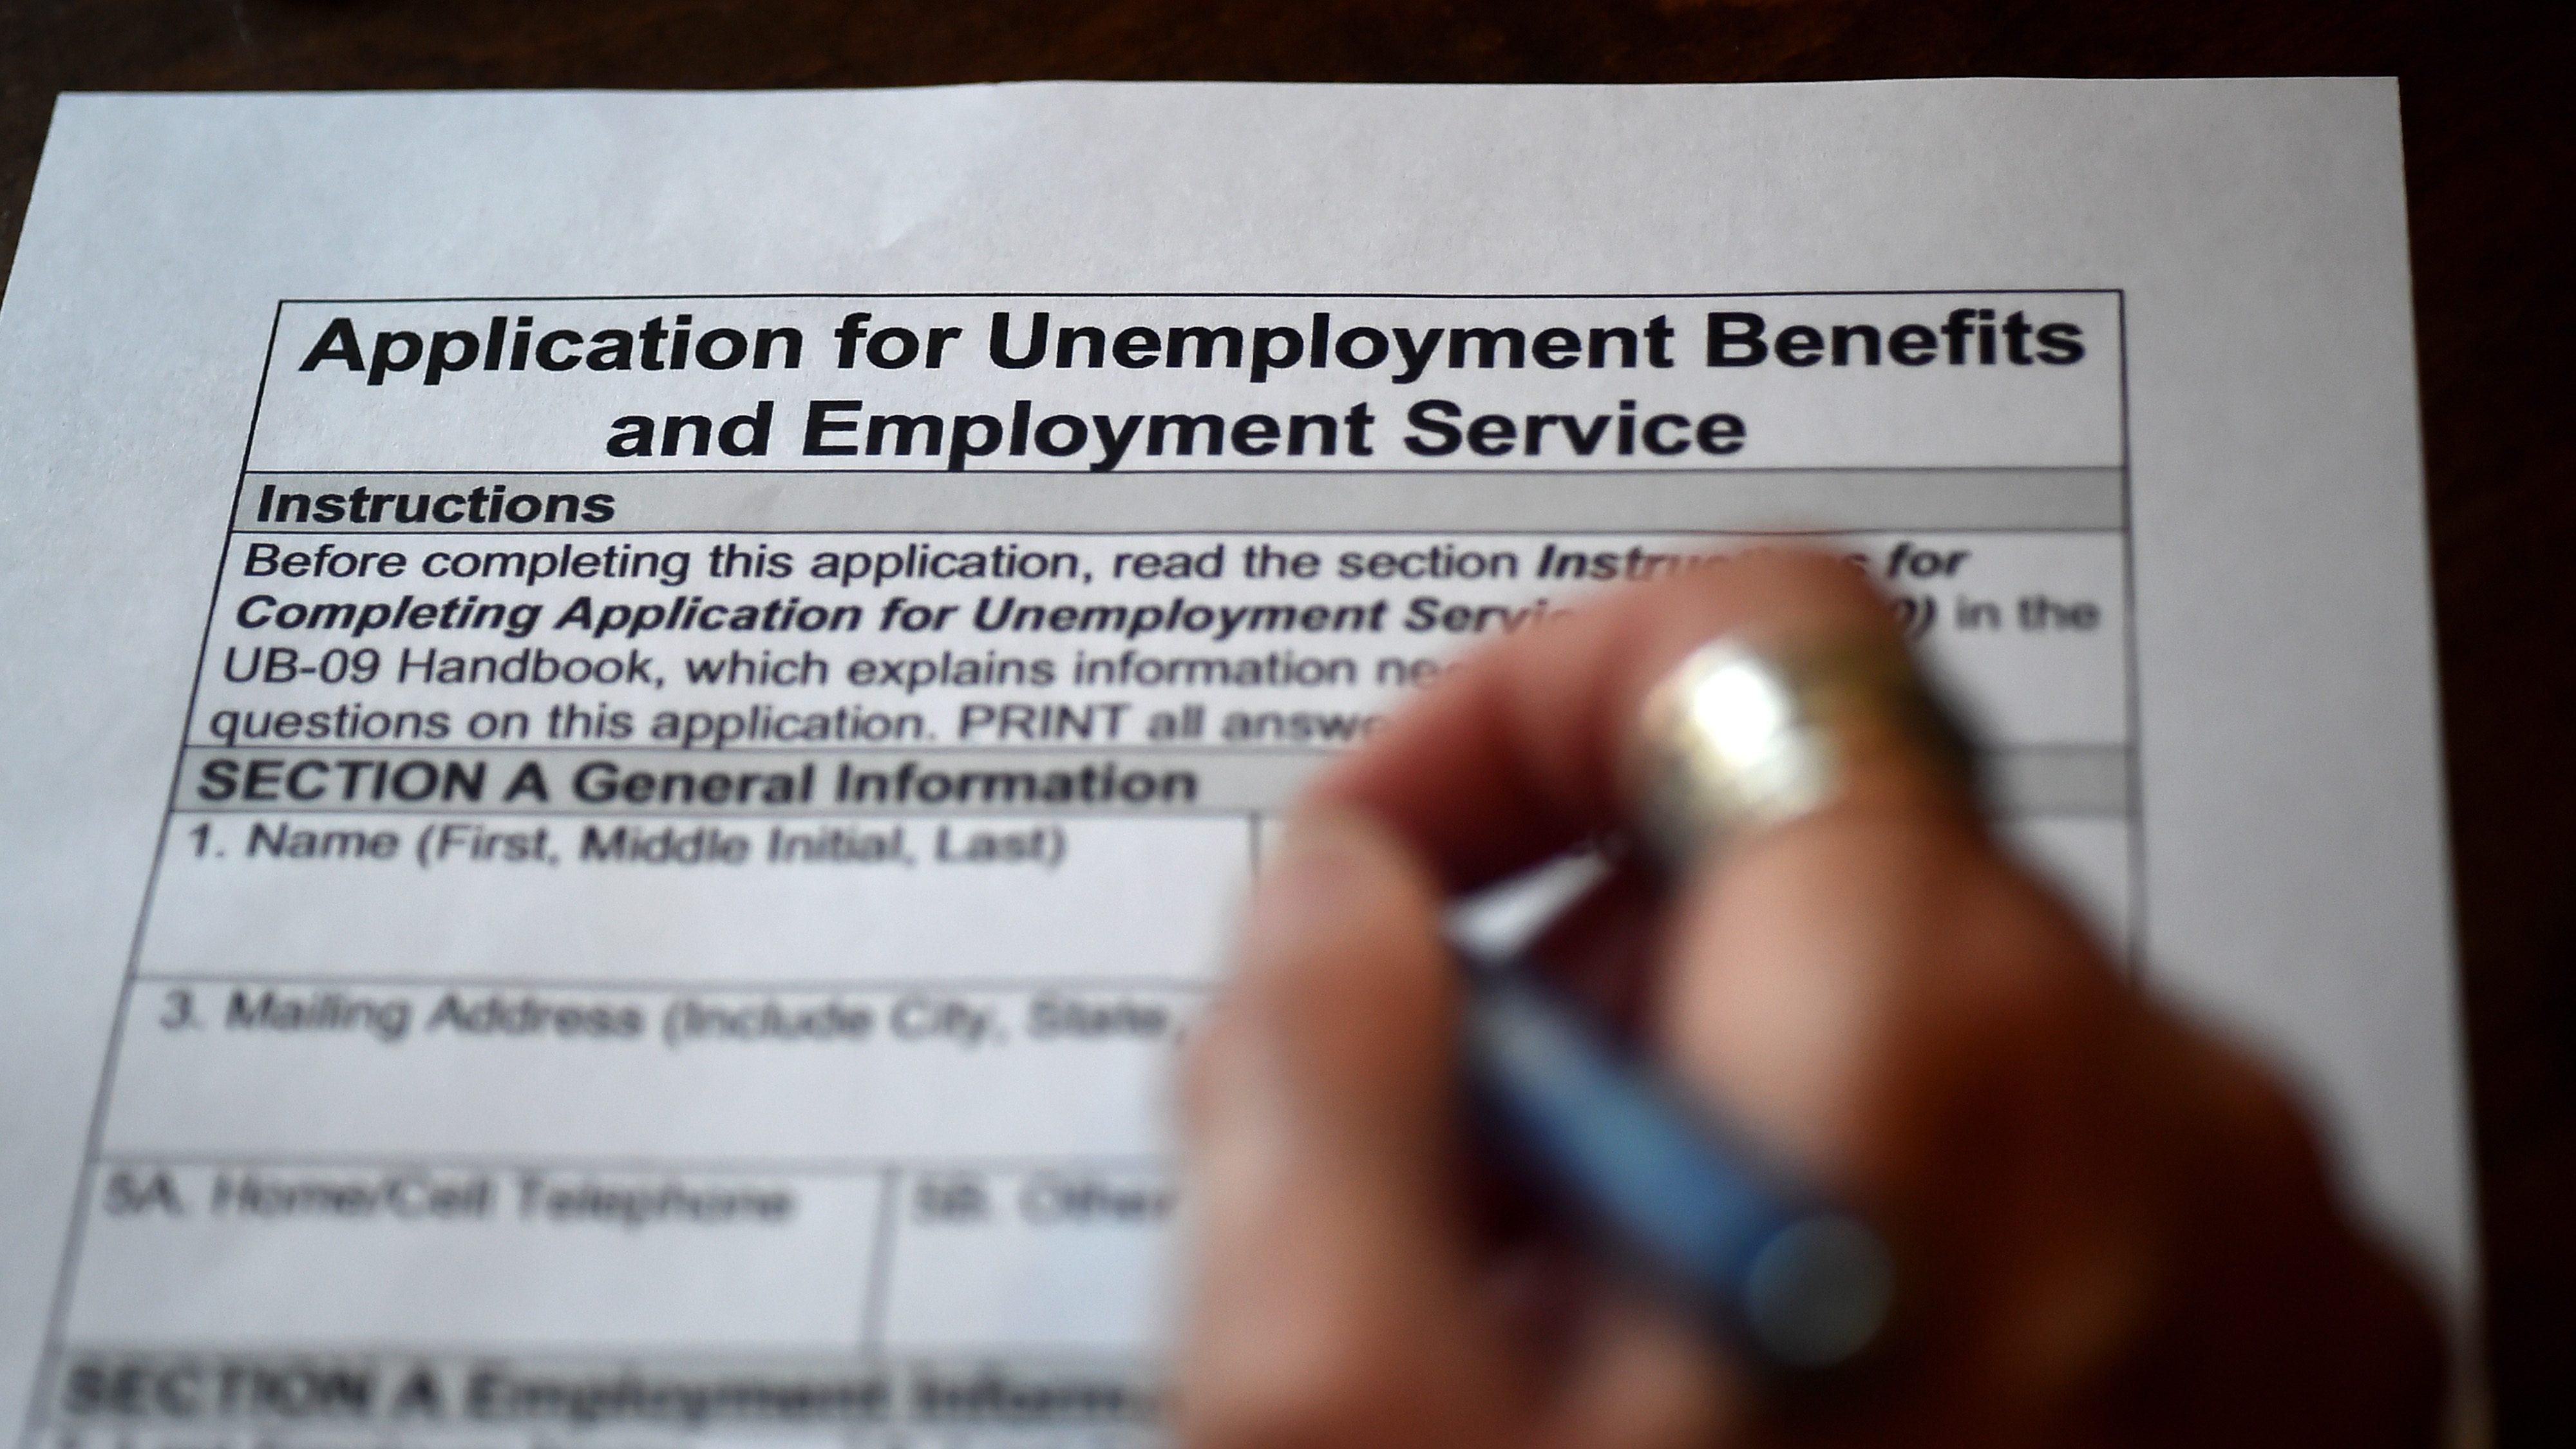 聯邦政府問責辦公室(GAO)最新報告顯示,勞工部每周公布的失業救濟金申領人數,在疫情期間持續不準確,且向數以百萬人少付救濟金。    資料圖片